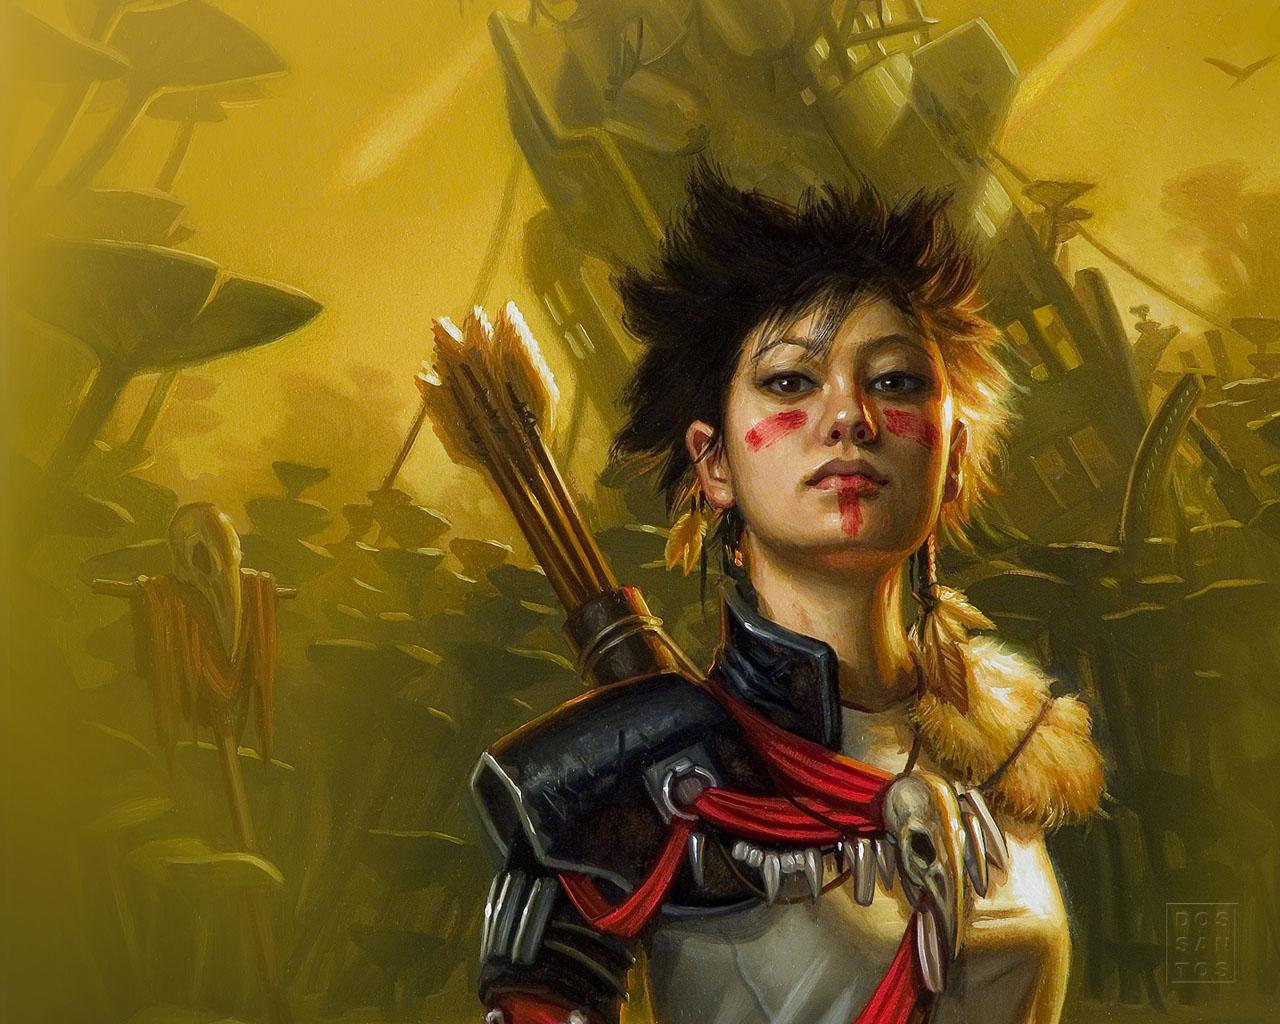 warrior girl wallpaper wallpapersafari